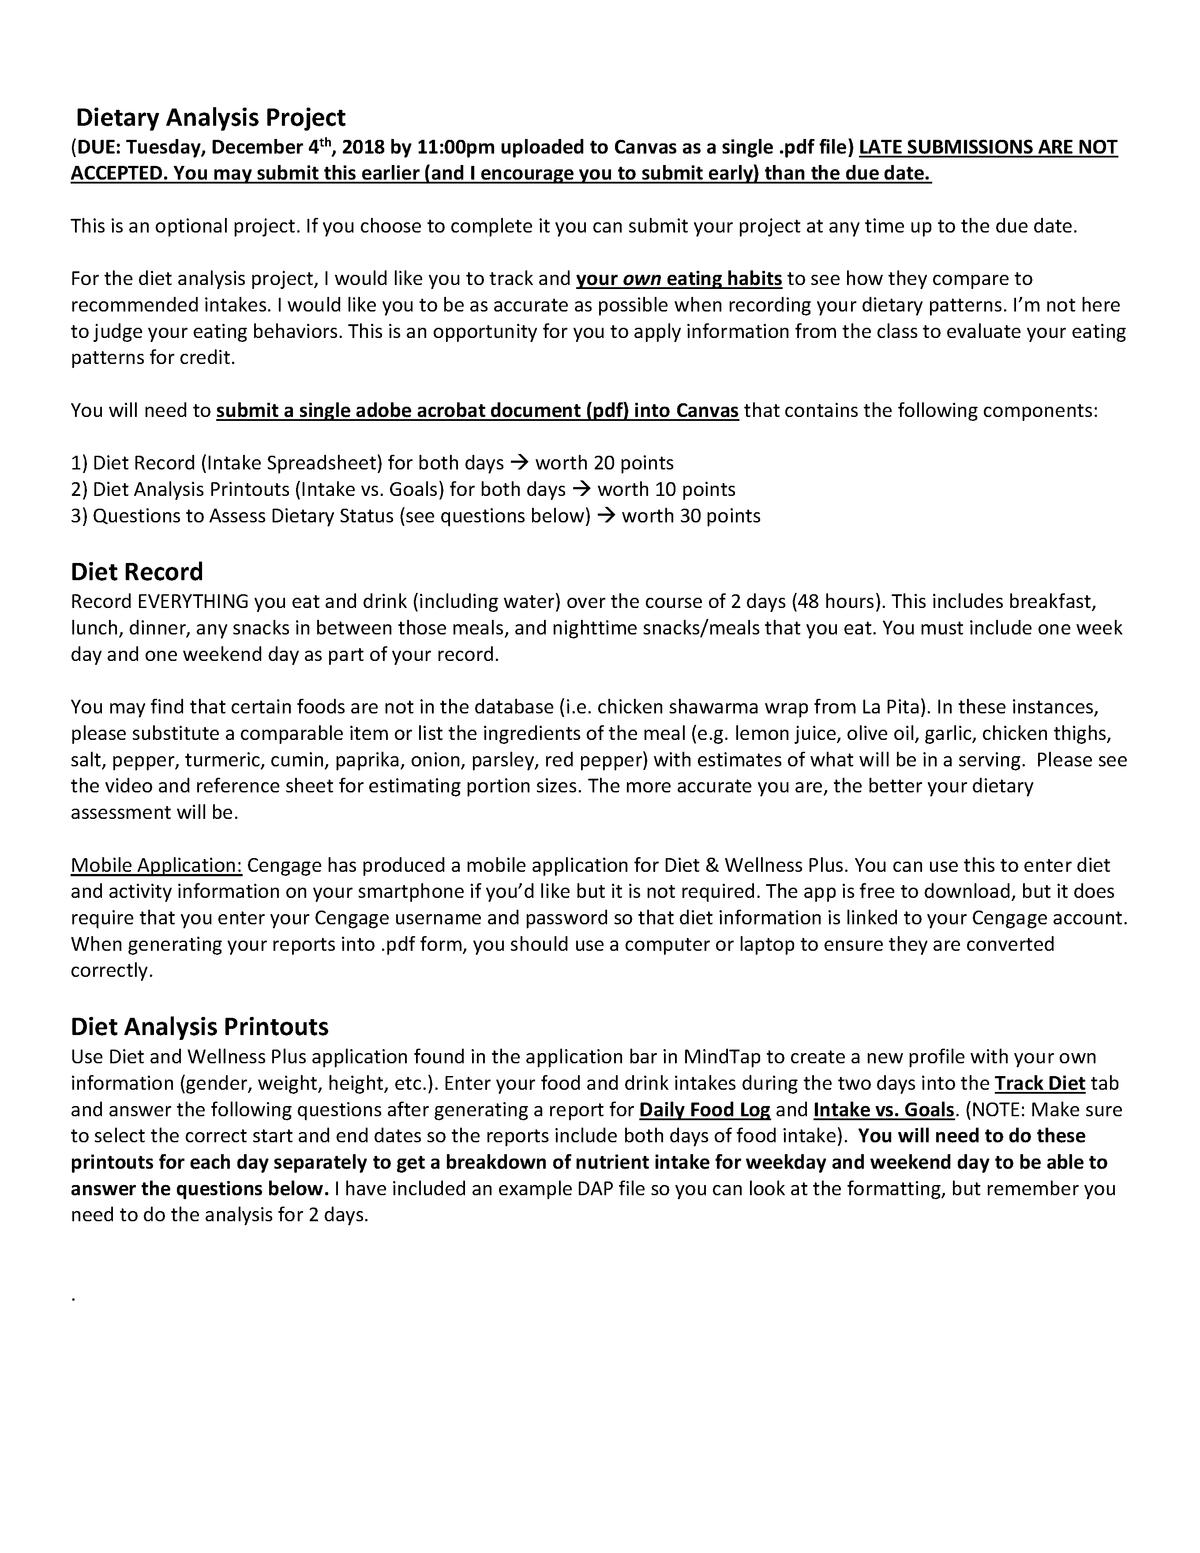 Dietary Analysis Project Instructions - NFS2030 - WSU - StuDocu